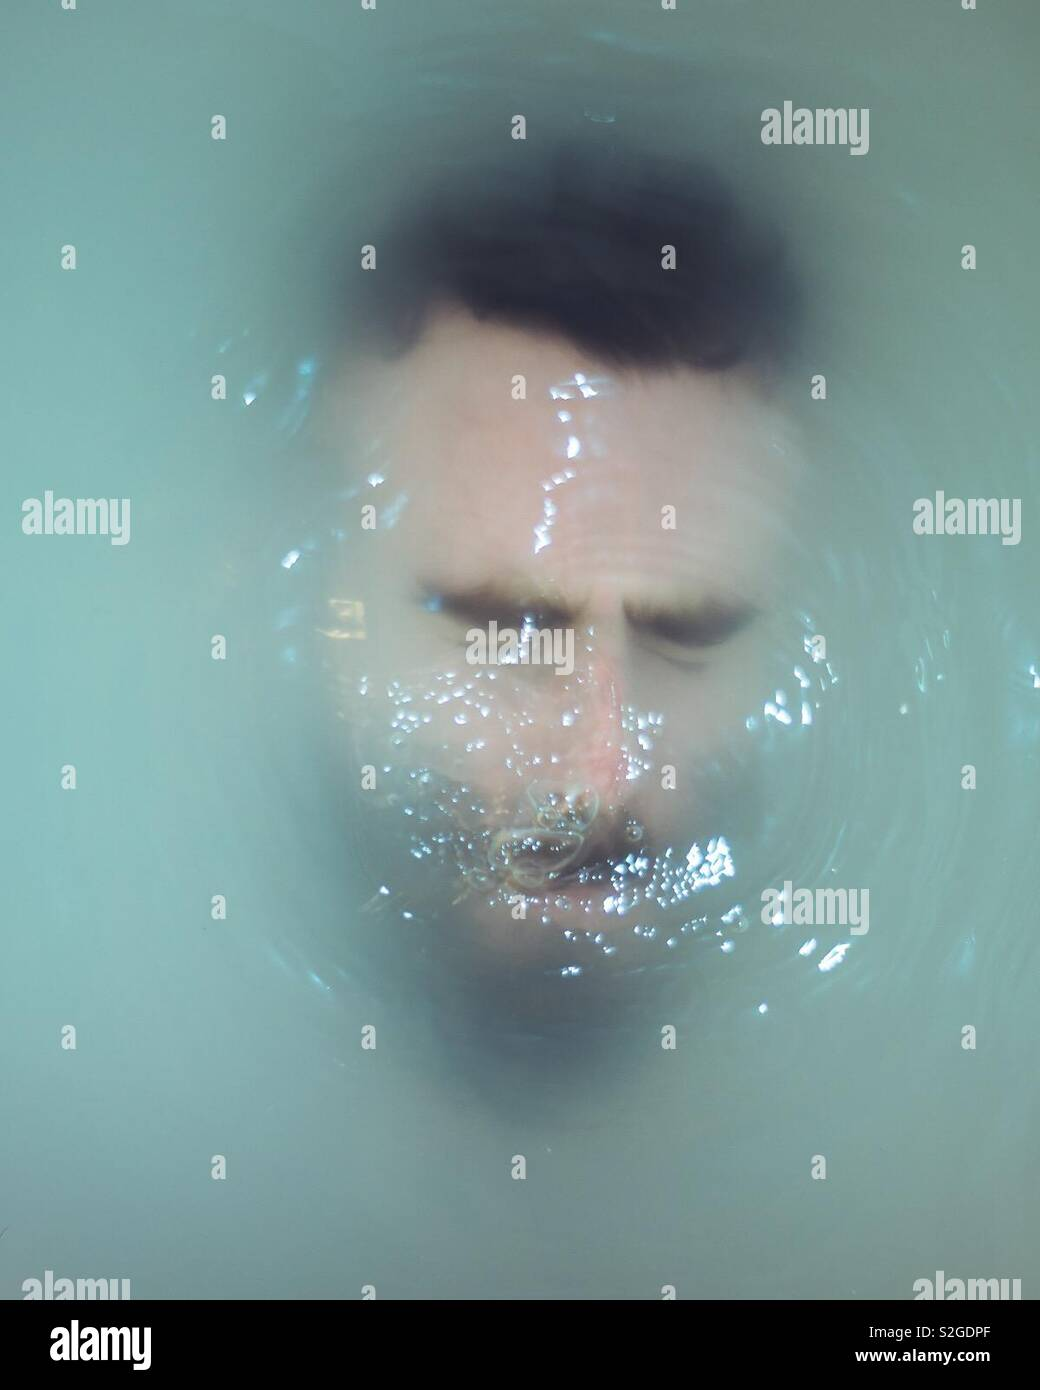 Chico con barba y ojos cerrados está sumergido bajo el agua de color lechoso. Imagen De Stock